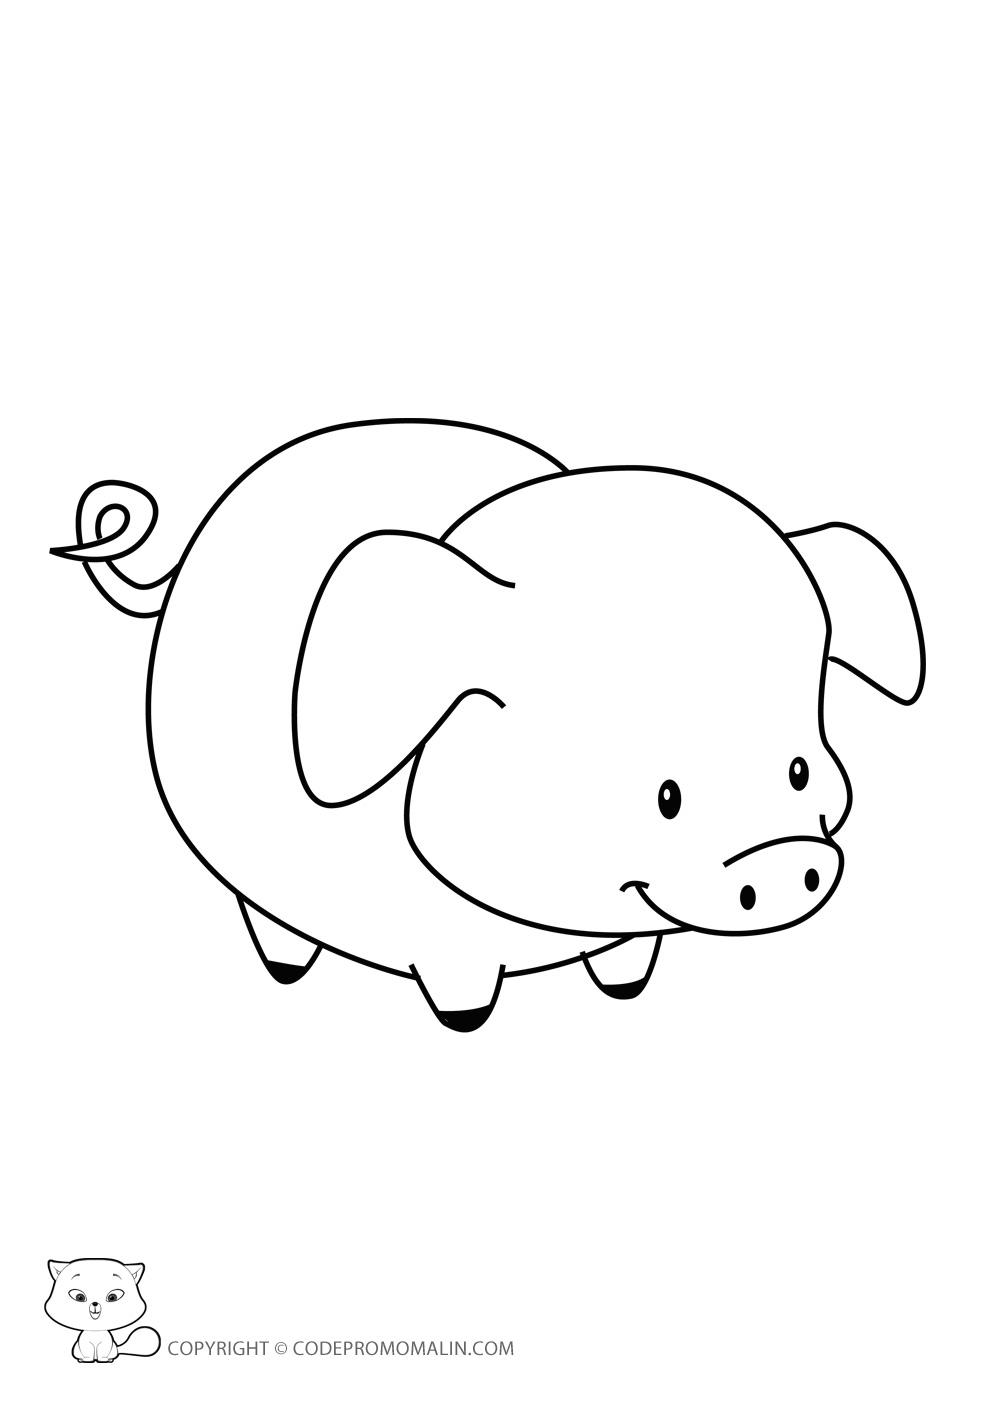 Dessin colorier cochon - Dessin cochon ...